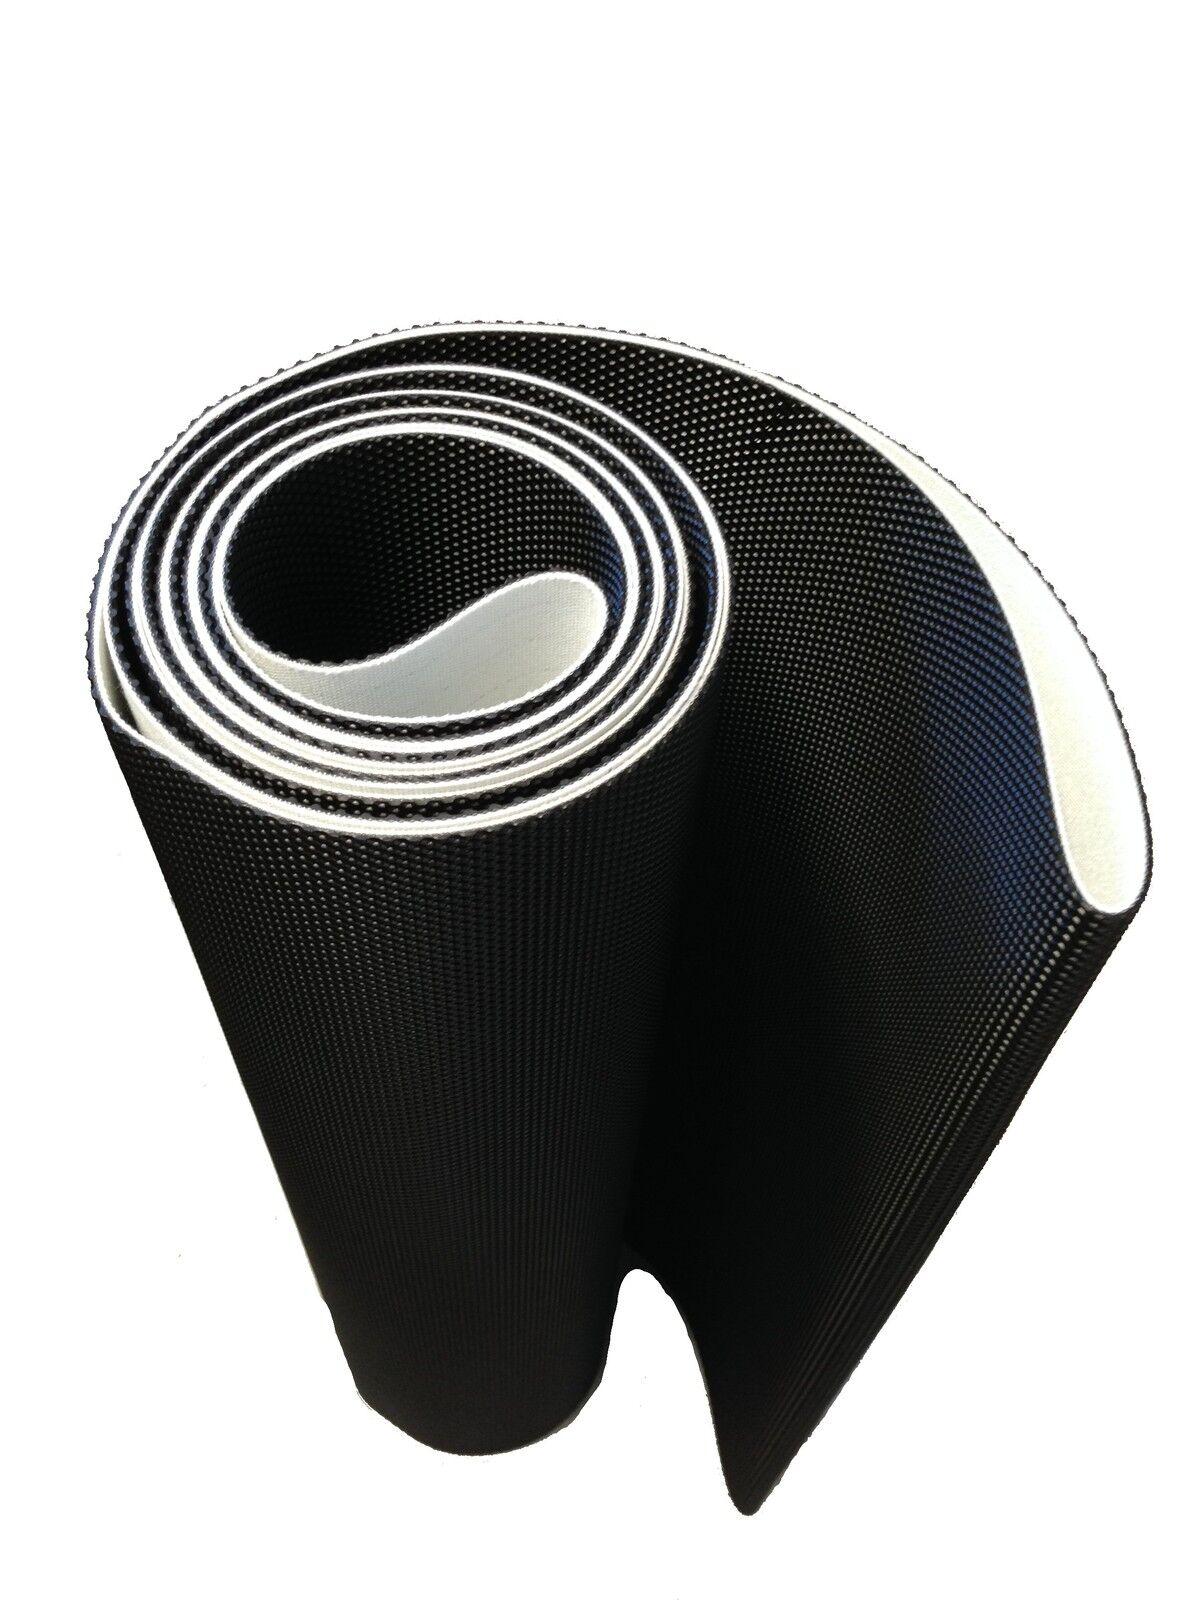 sportsart Powerfit 1000L 2-Ply de repuesto cinturón de cinta Caminadora Correr